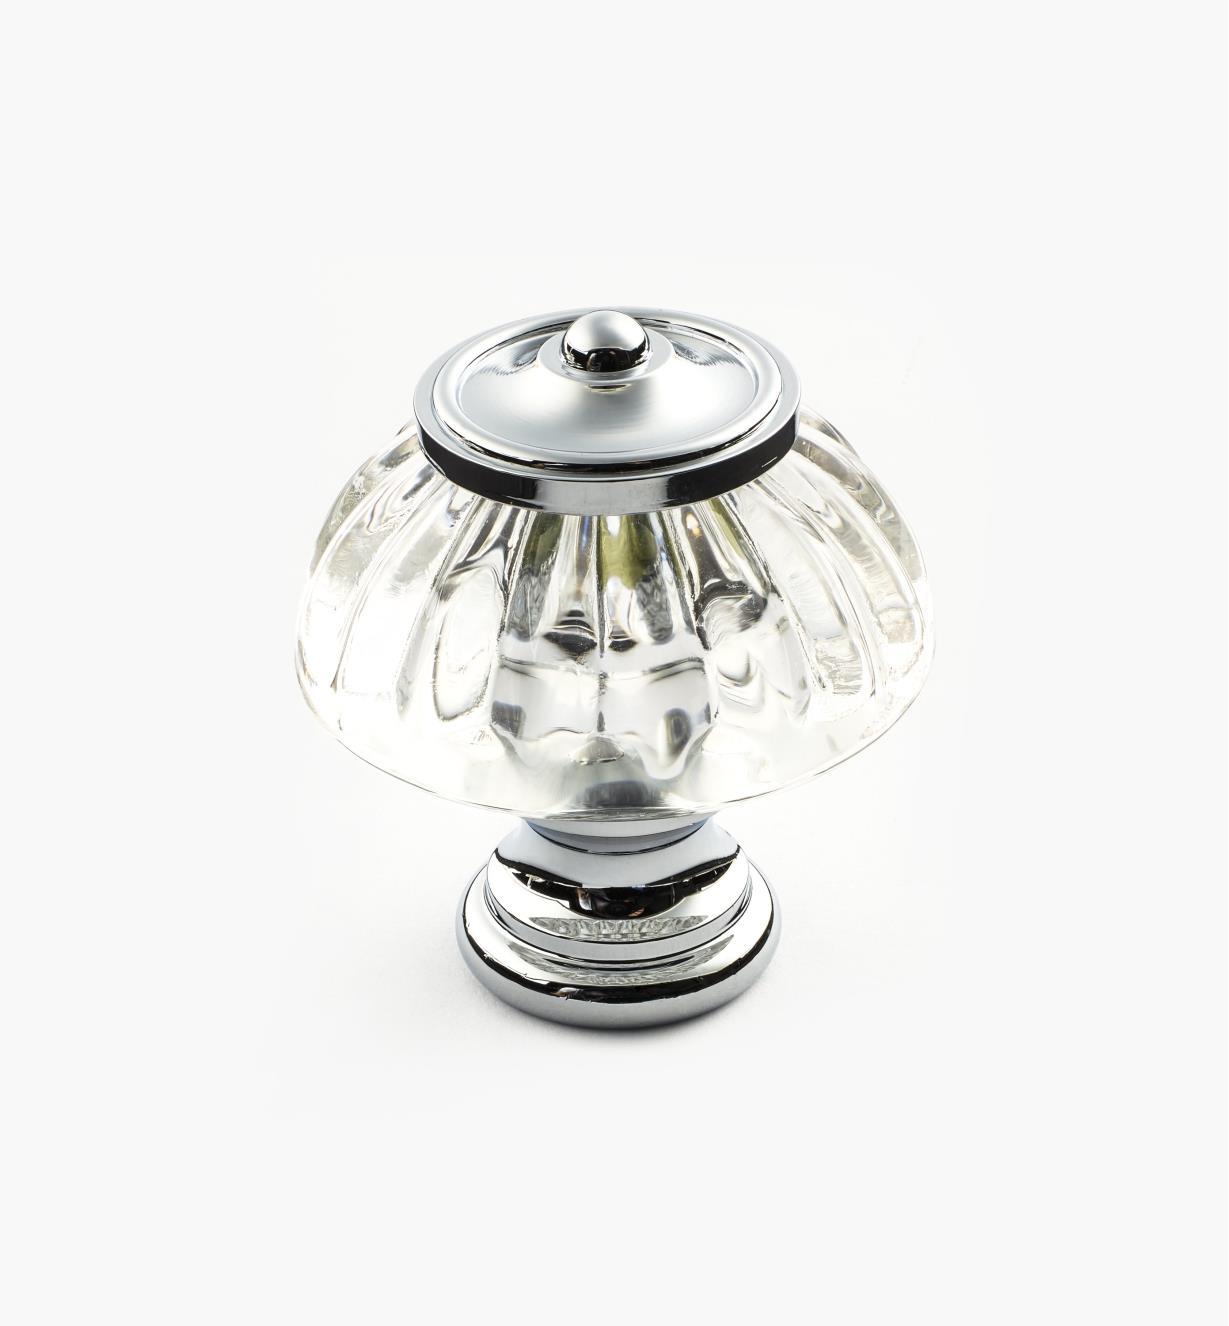 01W2621 - Bouton en verre cannelé à base en laiton chromé, 11/4pox17/16po